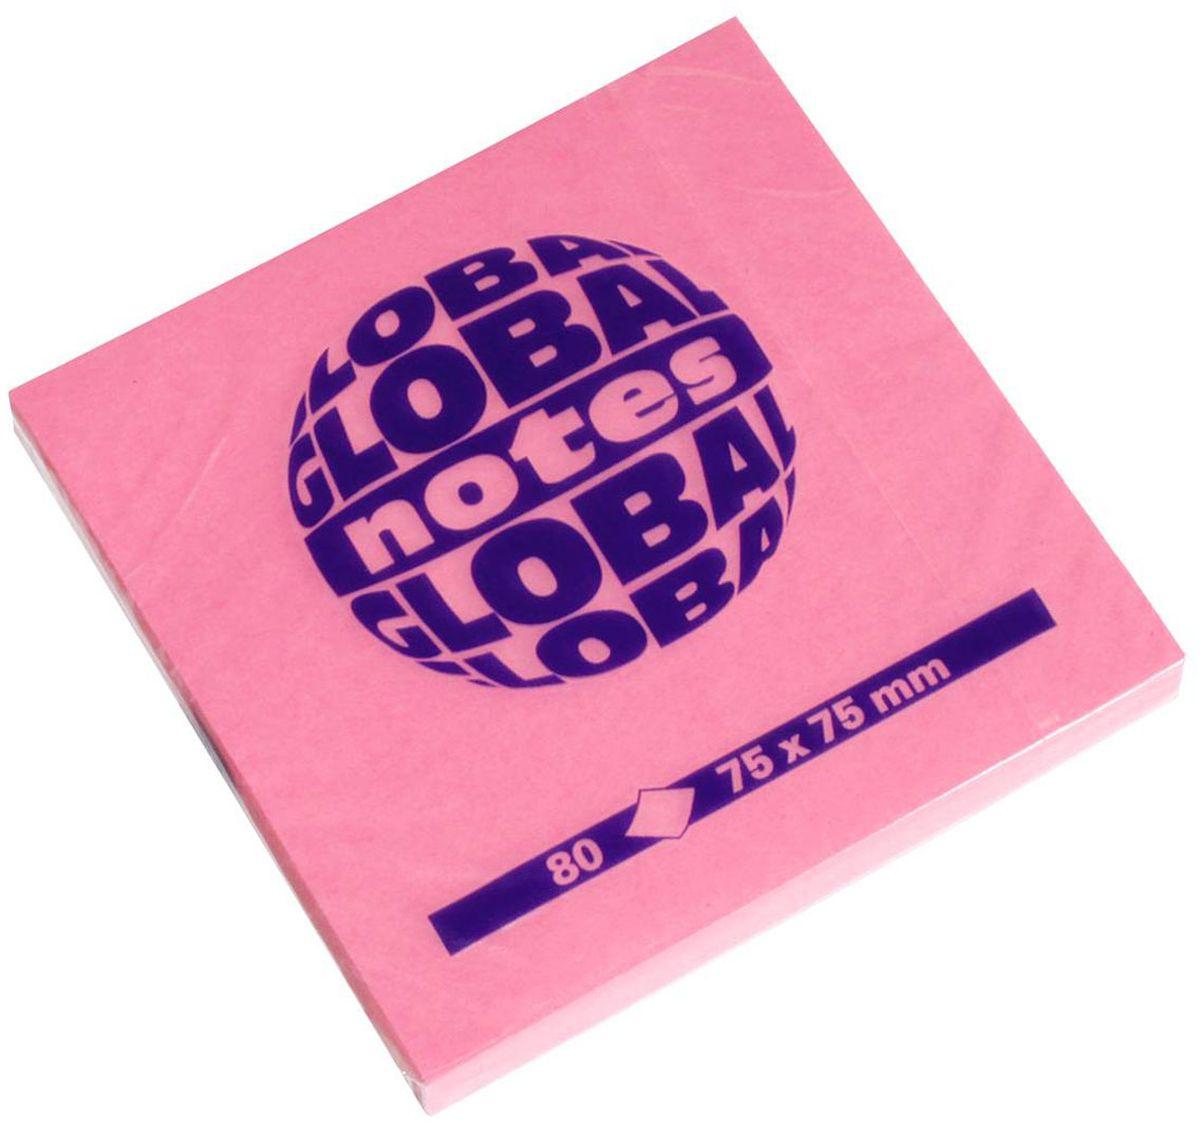 Global Notes Бумага для заметок с липким слоем цвет розовый 7,5 х 7,5 см 80 листов72523WDБумага для заметок с липким краем Global Notes - это удобное и практичное решение для быстрой записи информации дома или на работе.Качественная клеевая полоса рассчитана на крепление к любой поверхности, позволяет приклеивать и отклеивать листок неограниченное количество раз, не оставляя следов. Блок состоит из 80 листов бумаги ярко-розового цвета.Размер блока - 75 х 75 мм.Плотность бумаги 70г/м2.